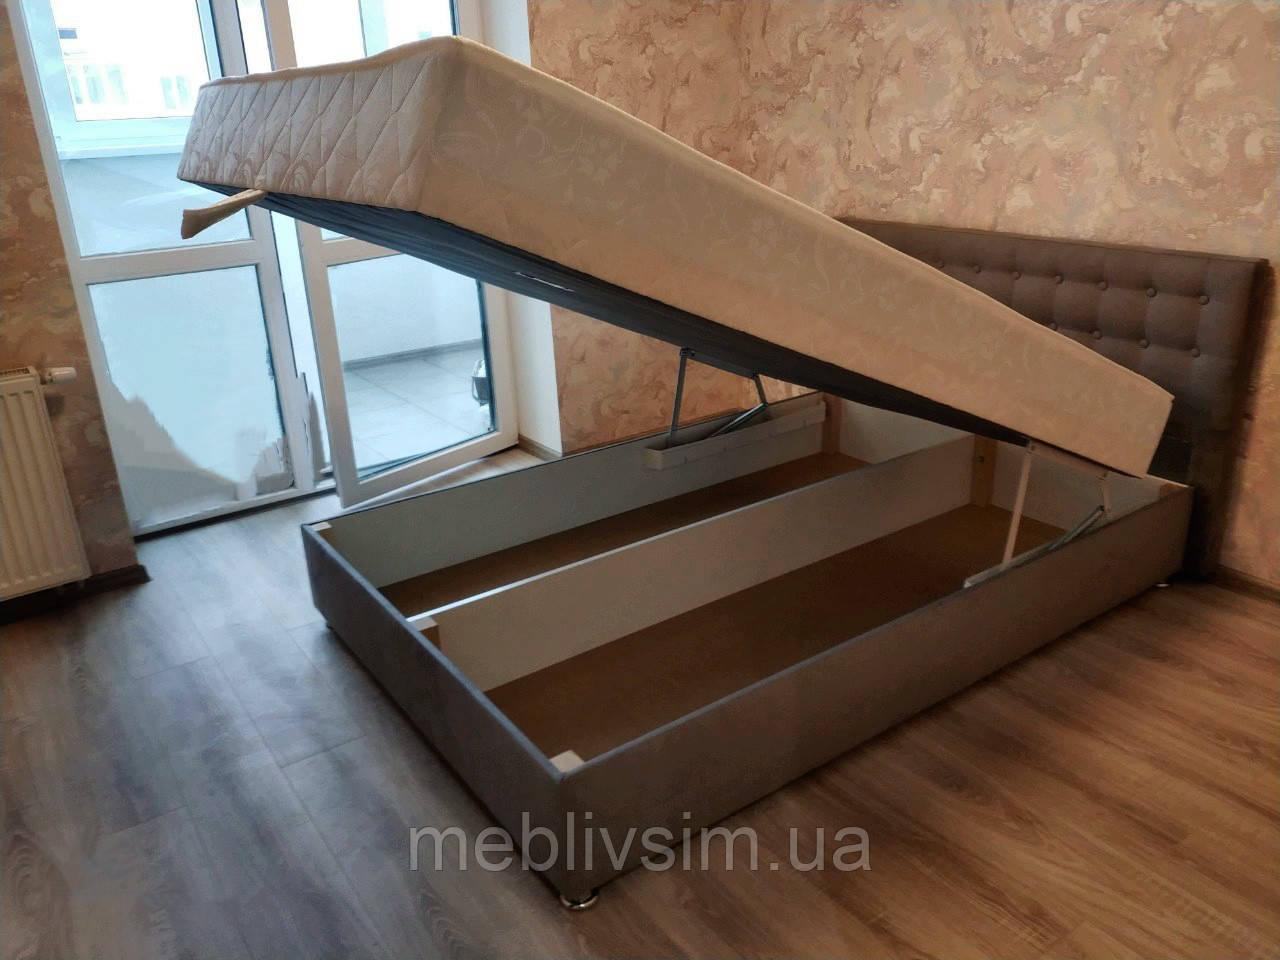 Кровать Альянс Камила 1,6 в обивке под замш мышиного цвета с матрасом и подъёмным механизмом с пуговицами